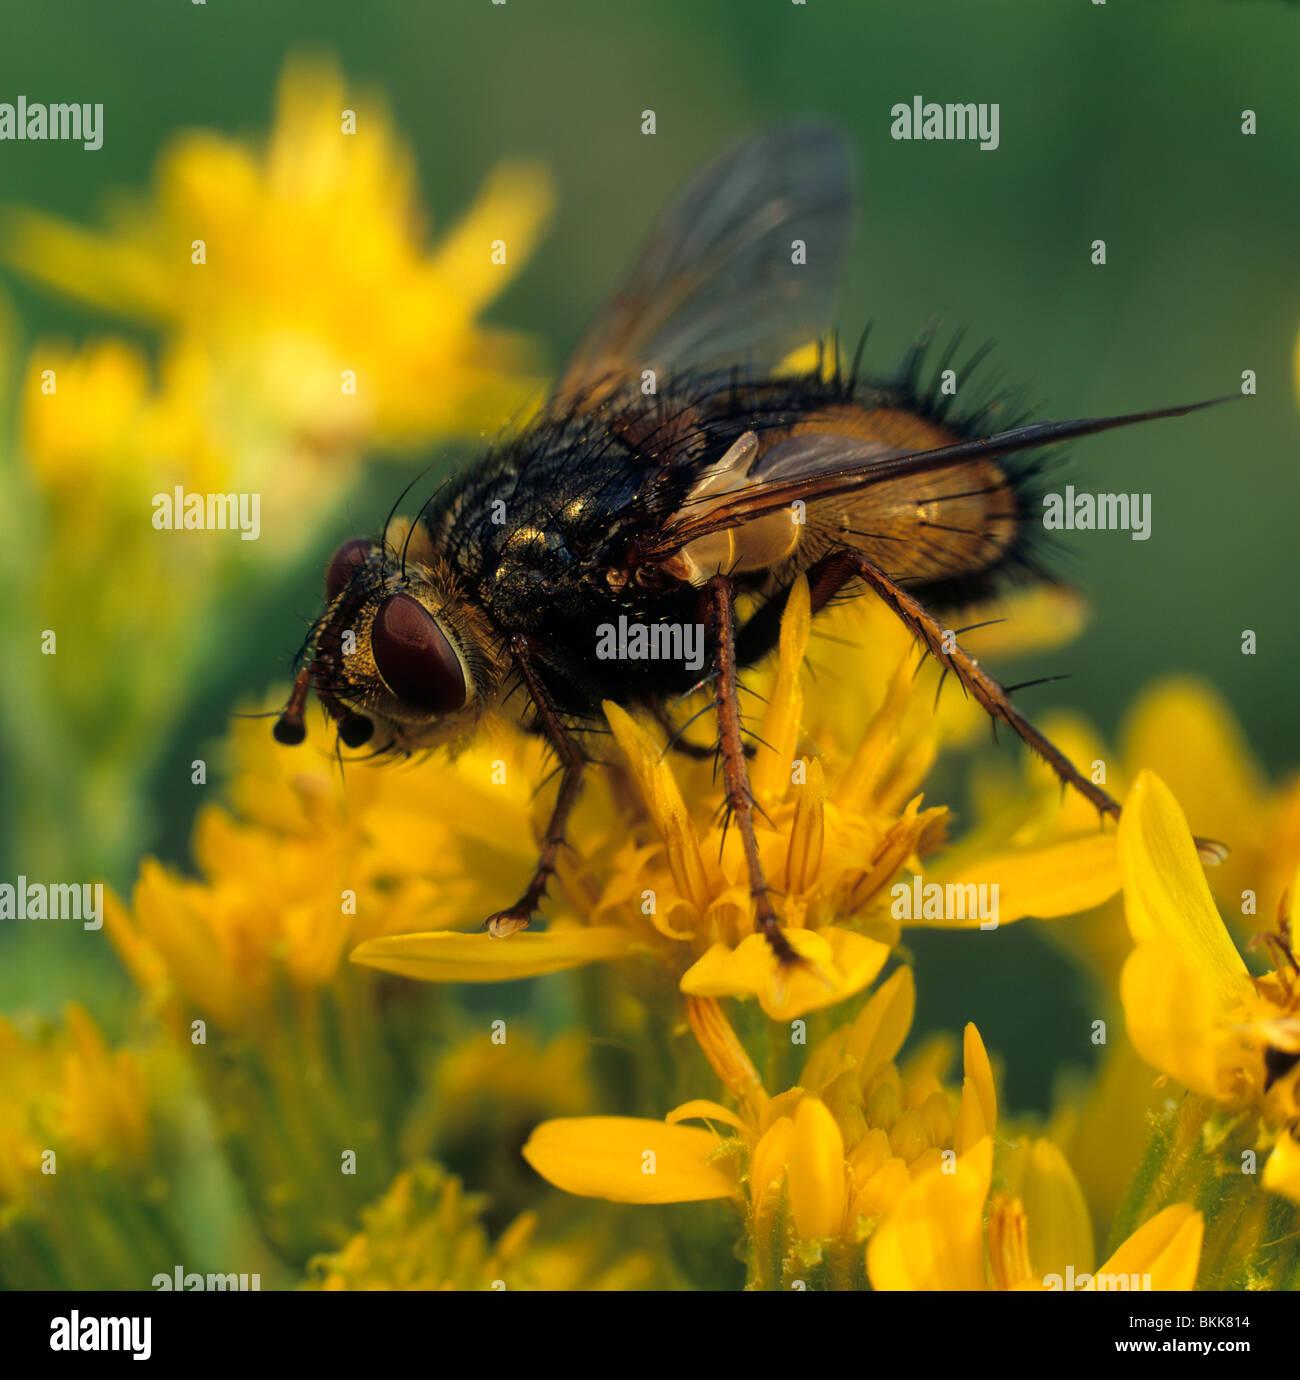 Tachinid Fly, Fieber fliegen (Tachina Fera), Erwachsene auf auf eine gelbe Blume. Stockbild